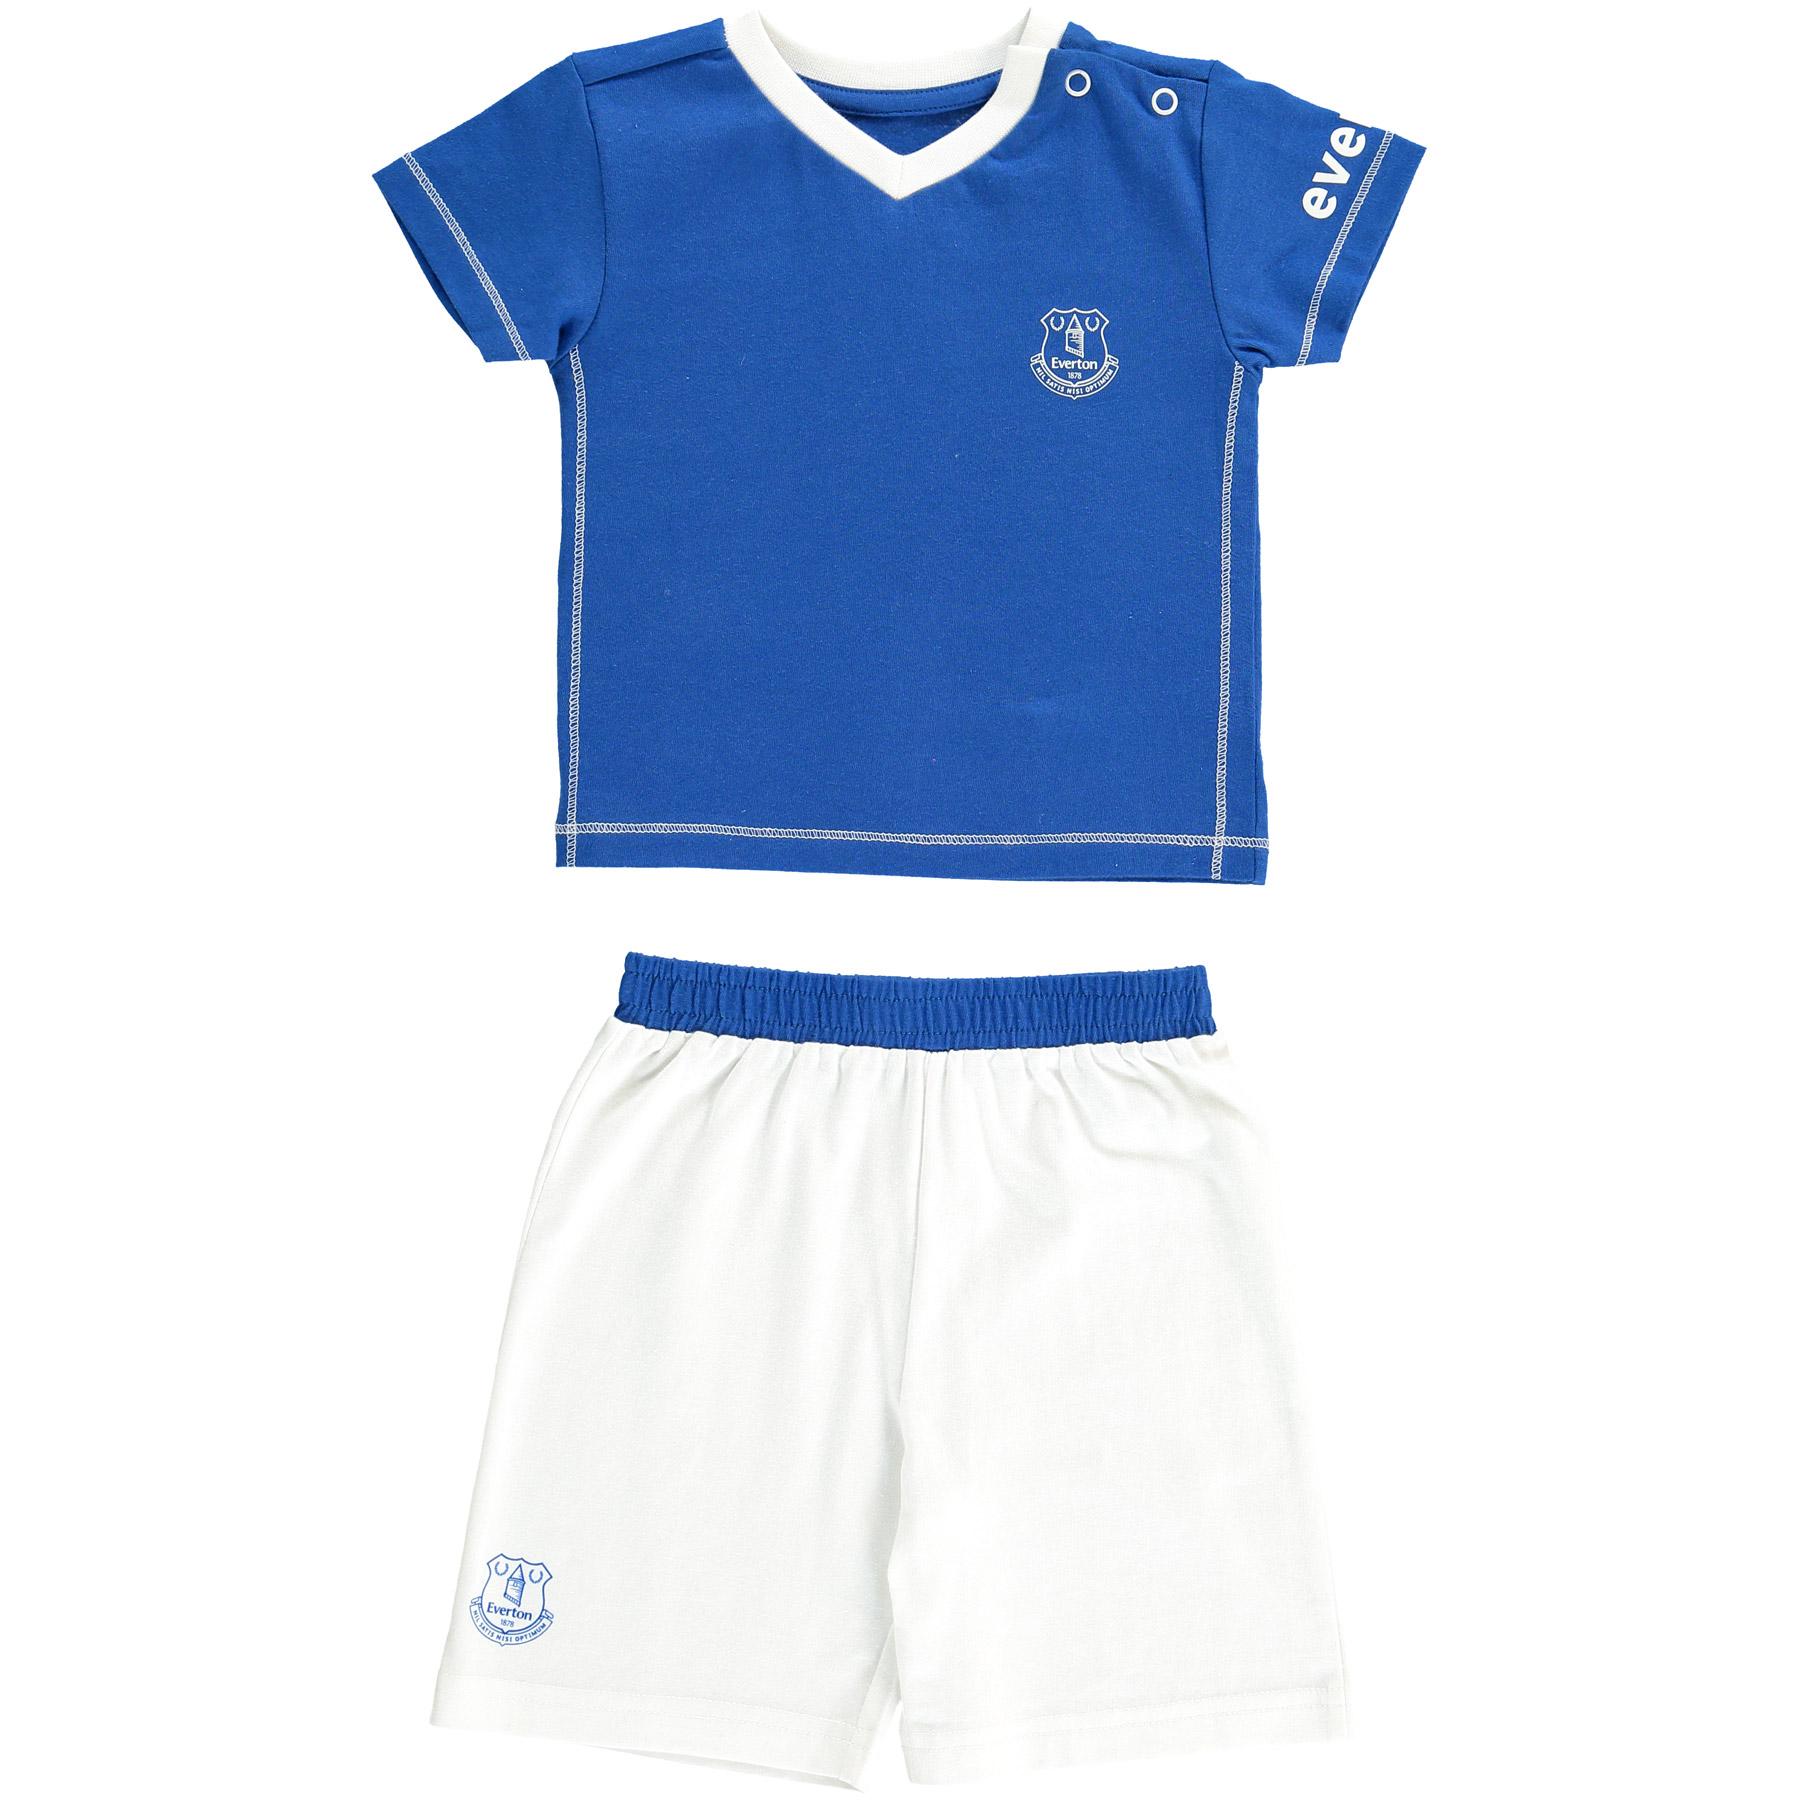 Everton 15/16 Kit Pyjamas -Everton Blue-White - Baby